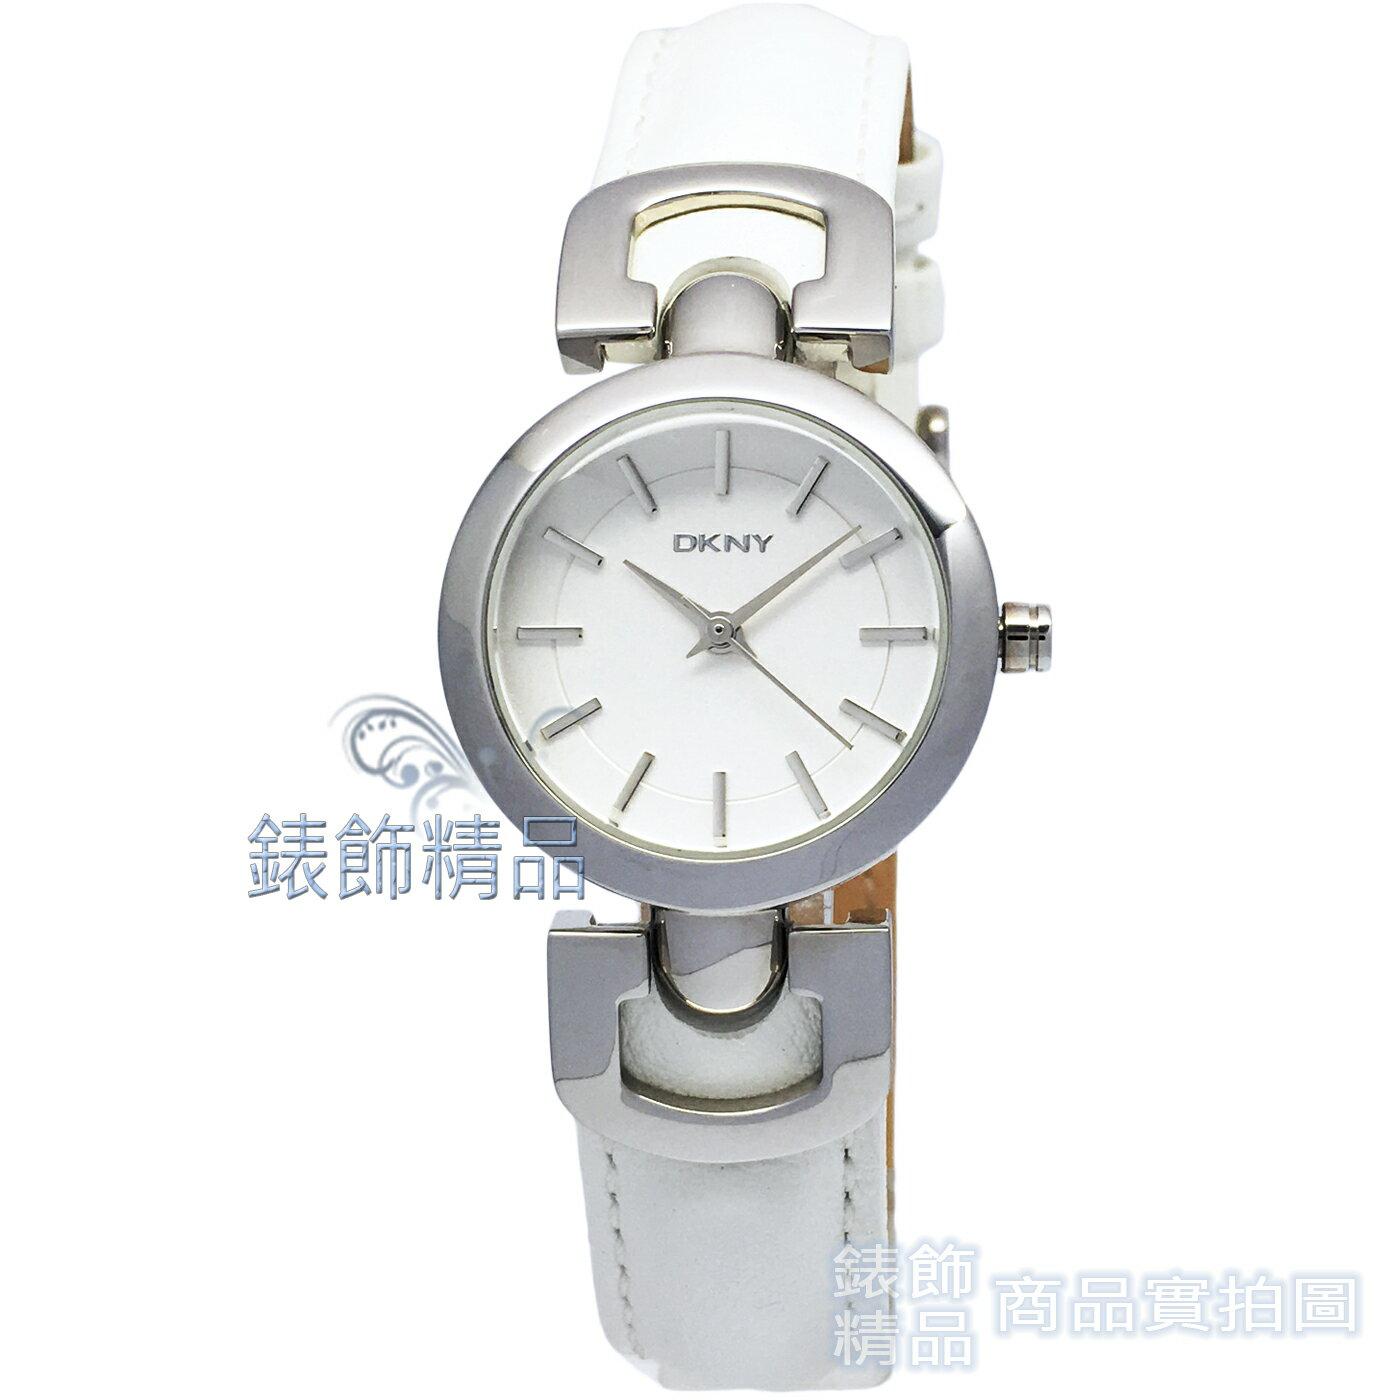 【錶飾精品】DKNY手錶 NY4948 俏麗雙D白面白皮帶 優雅淑女錶 全新原廠正品